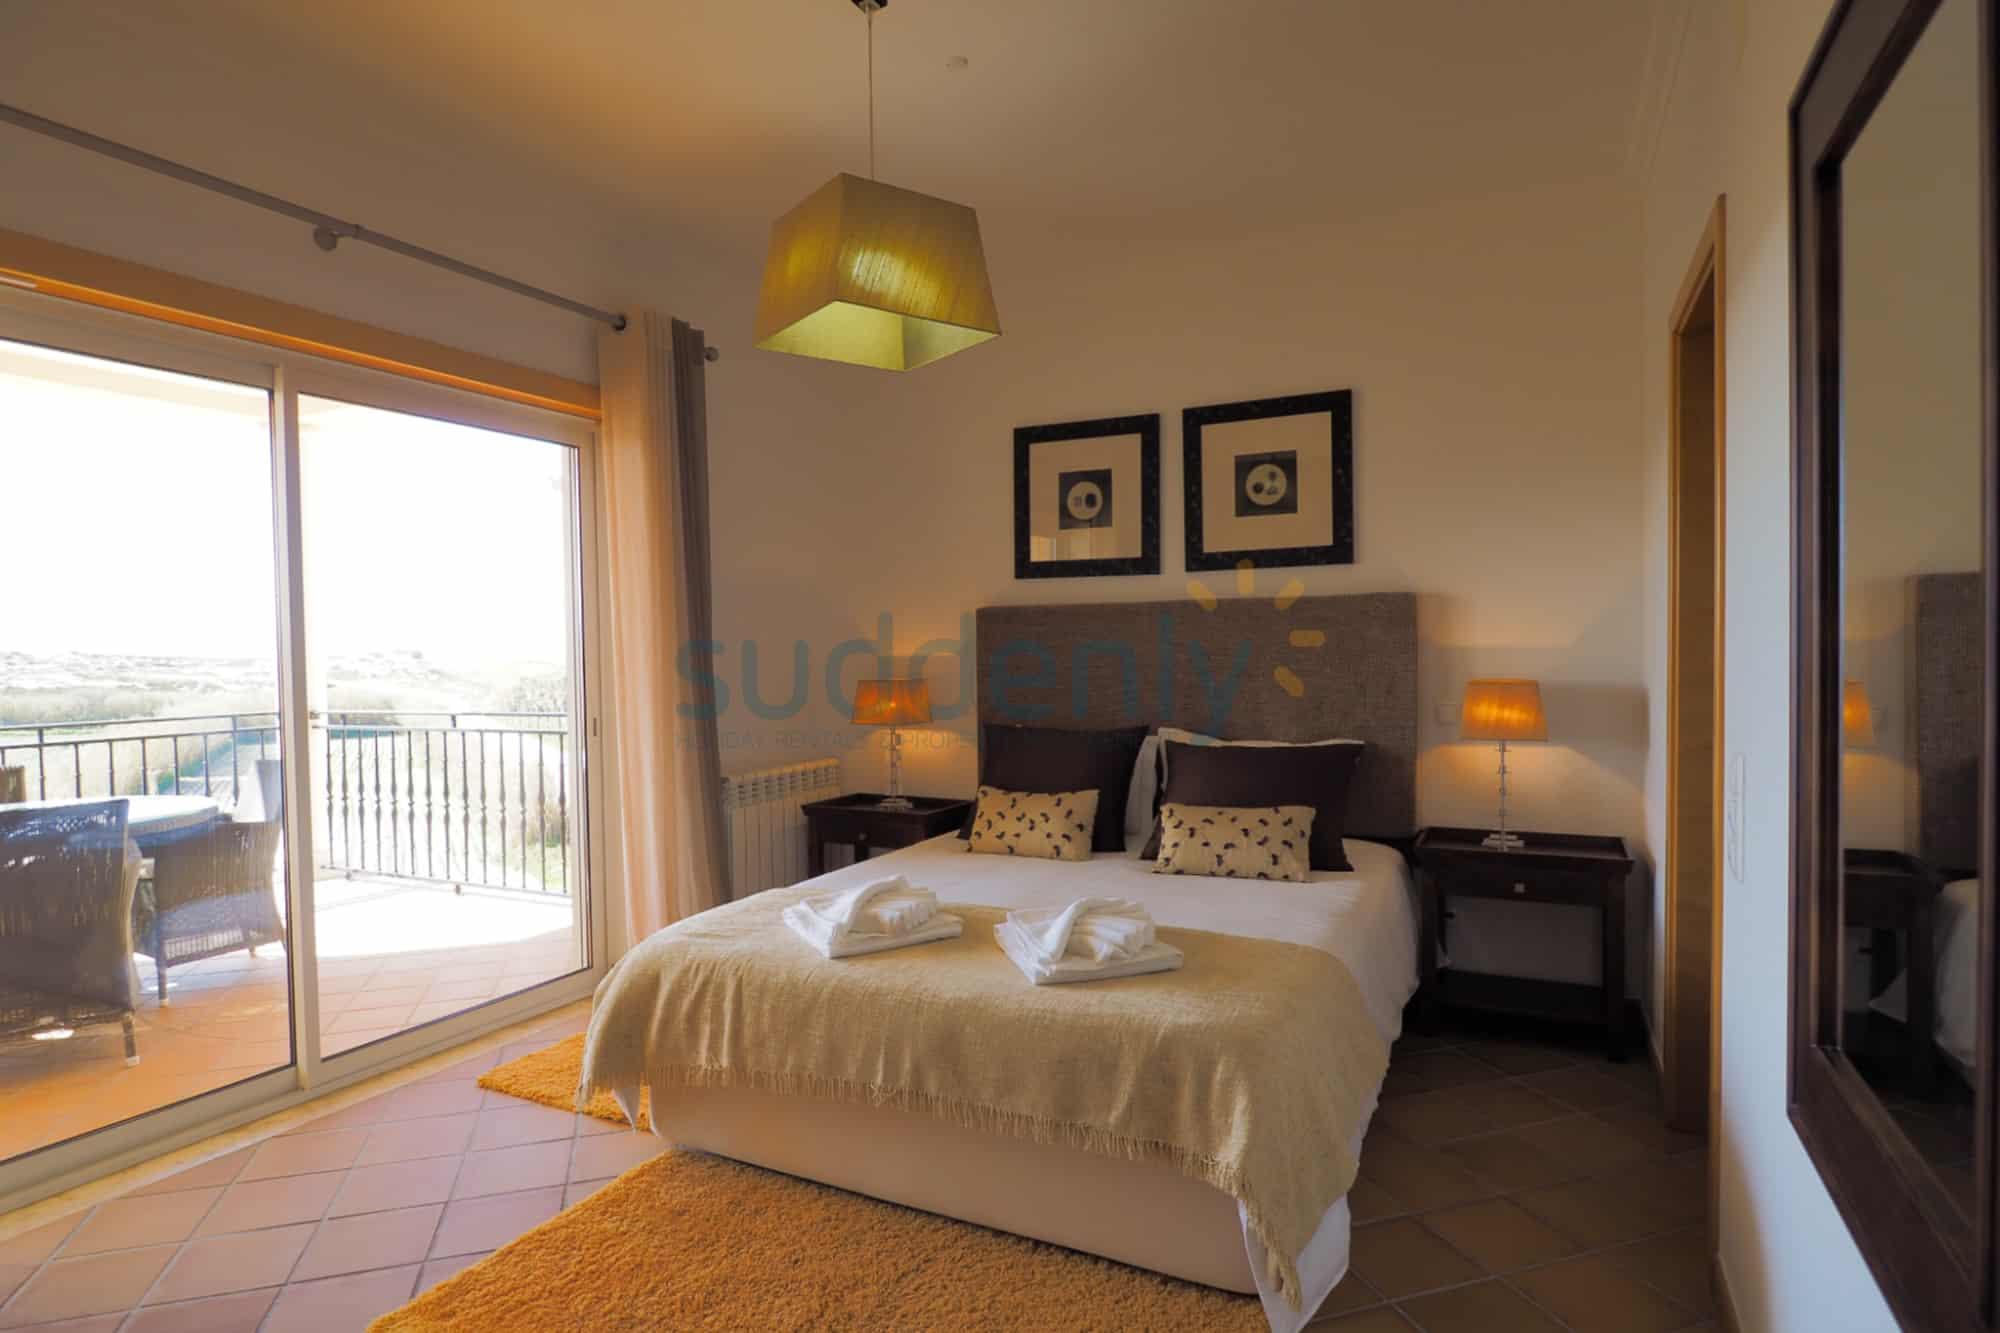 Holiday Rentals in Praia D'El Rey 262